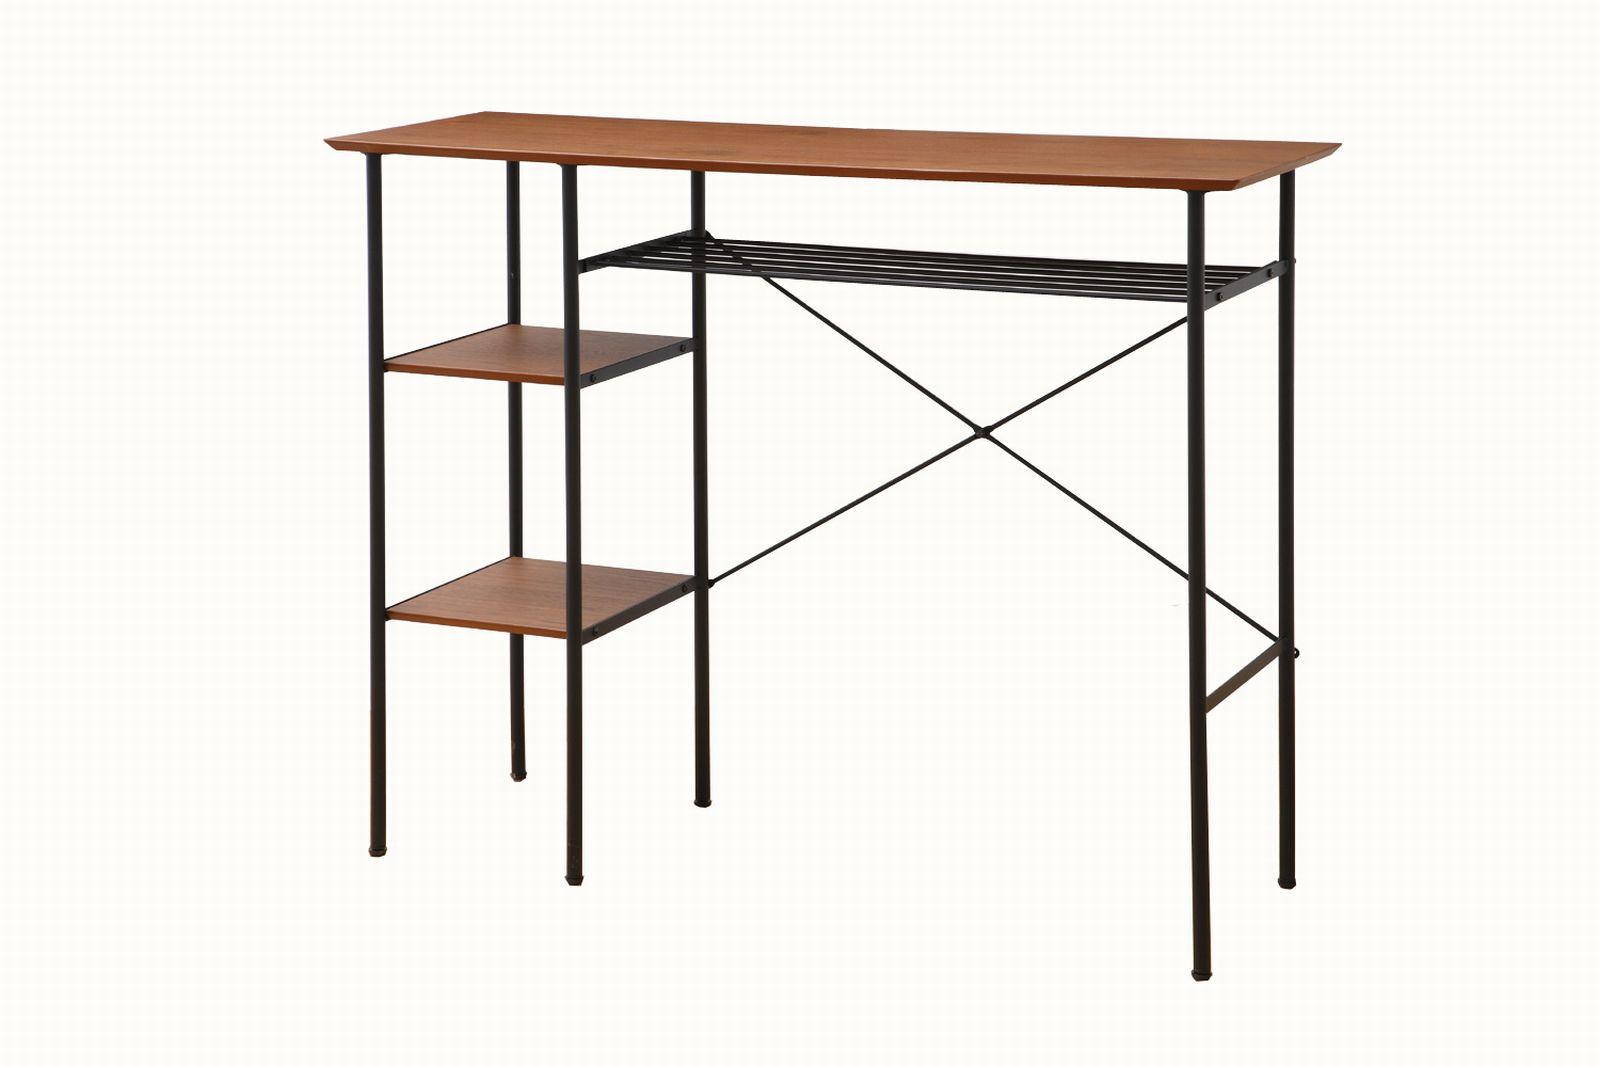 anthem カウンター テーブル 【 ANT-2399BR 】 アンセム Counter Table ( カウンターテーブル ・ バーカウンター )